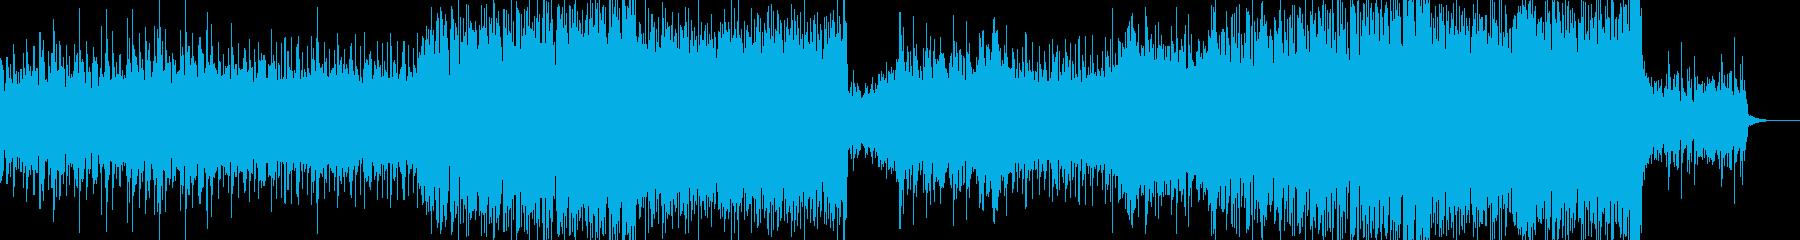 和風ダブステップ風BGMの再生済みの波形